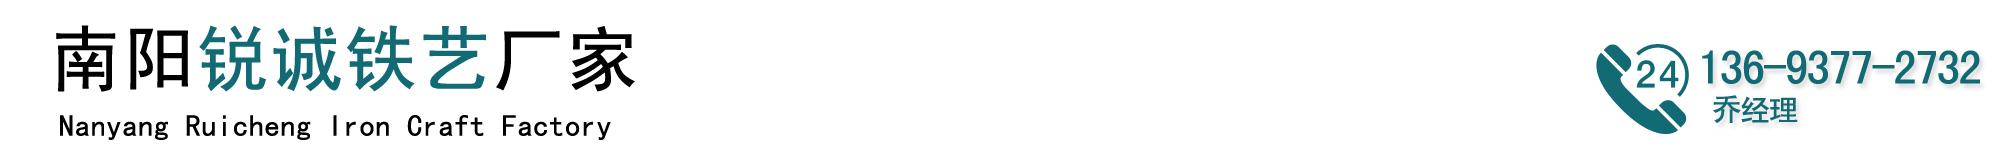 南阳锐诚铁艺厂家_Logo